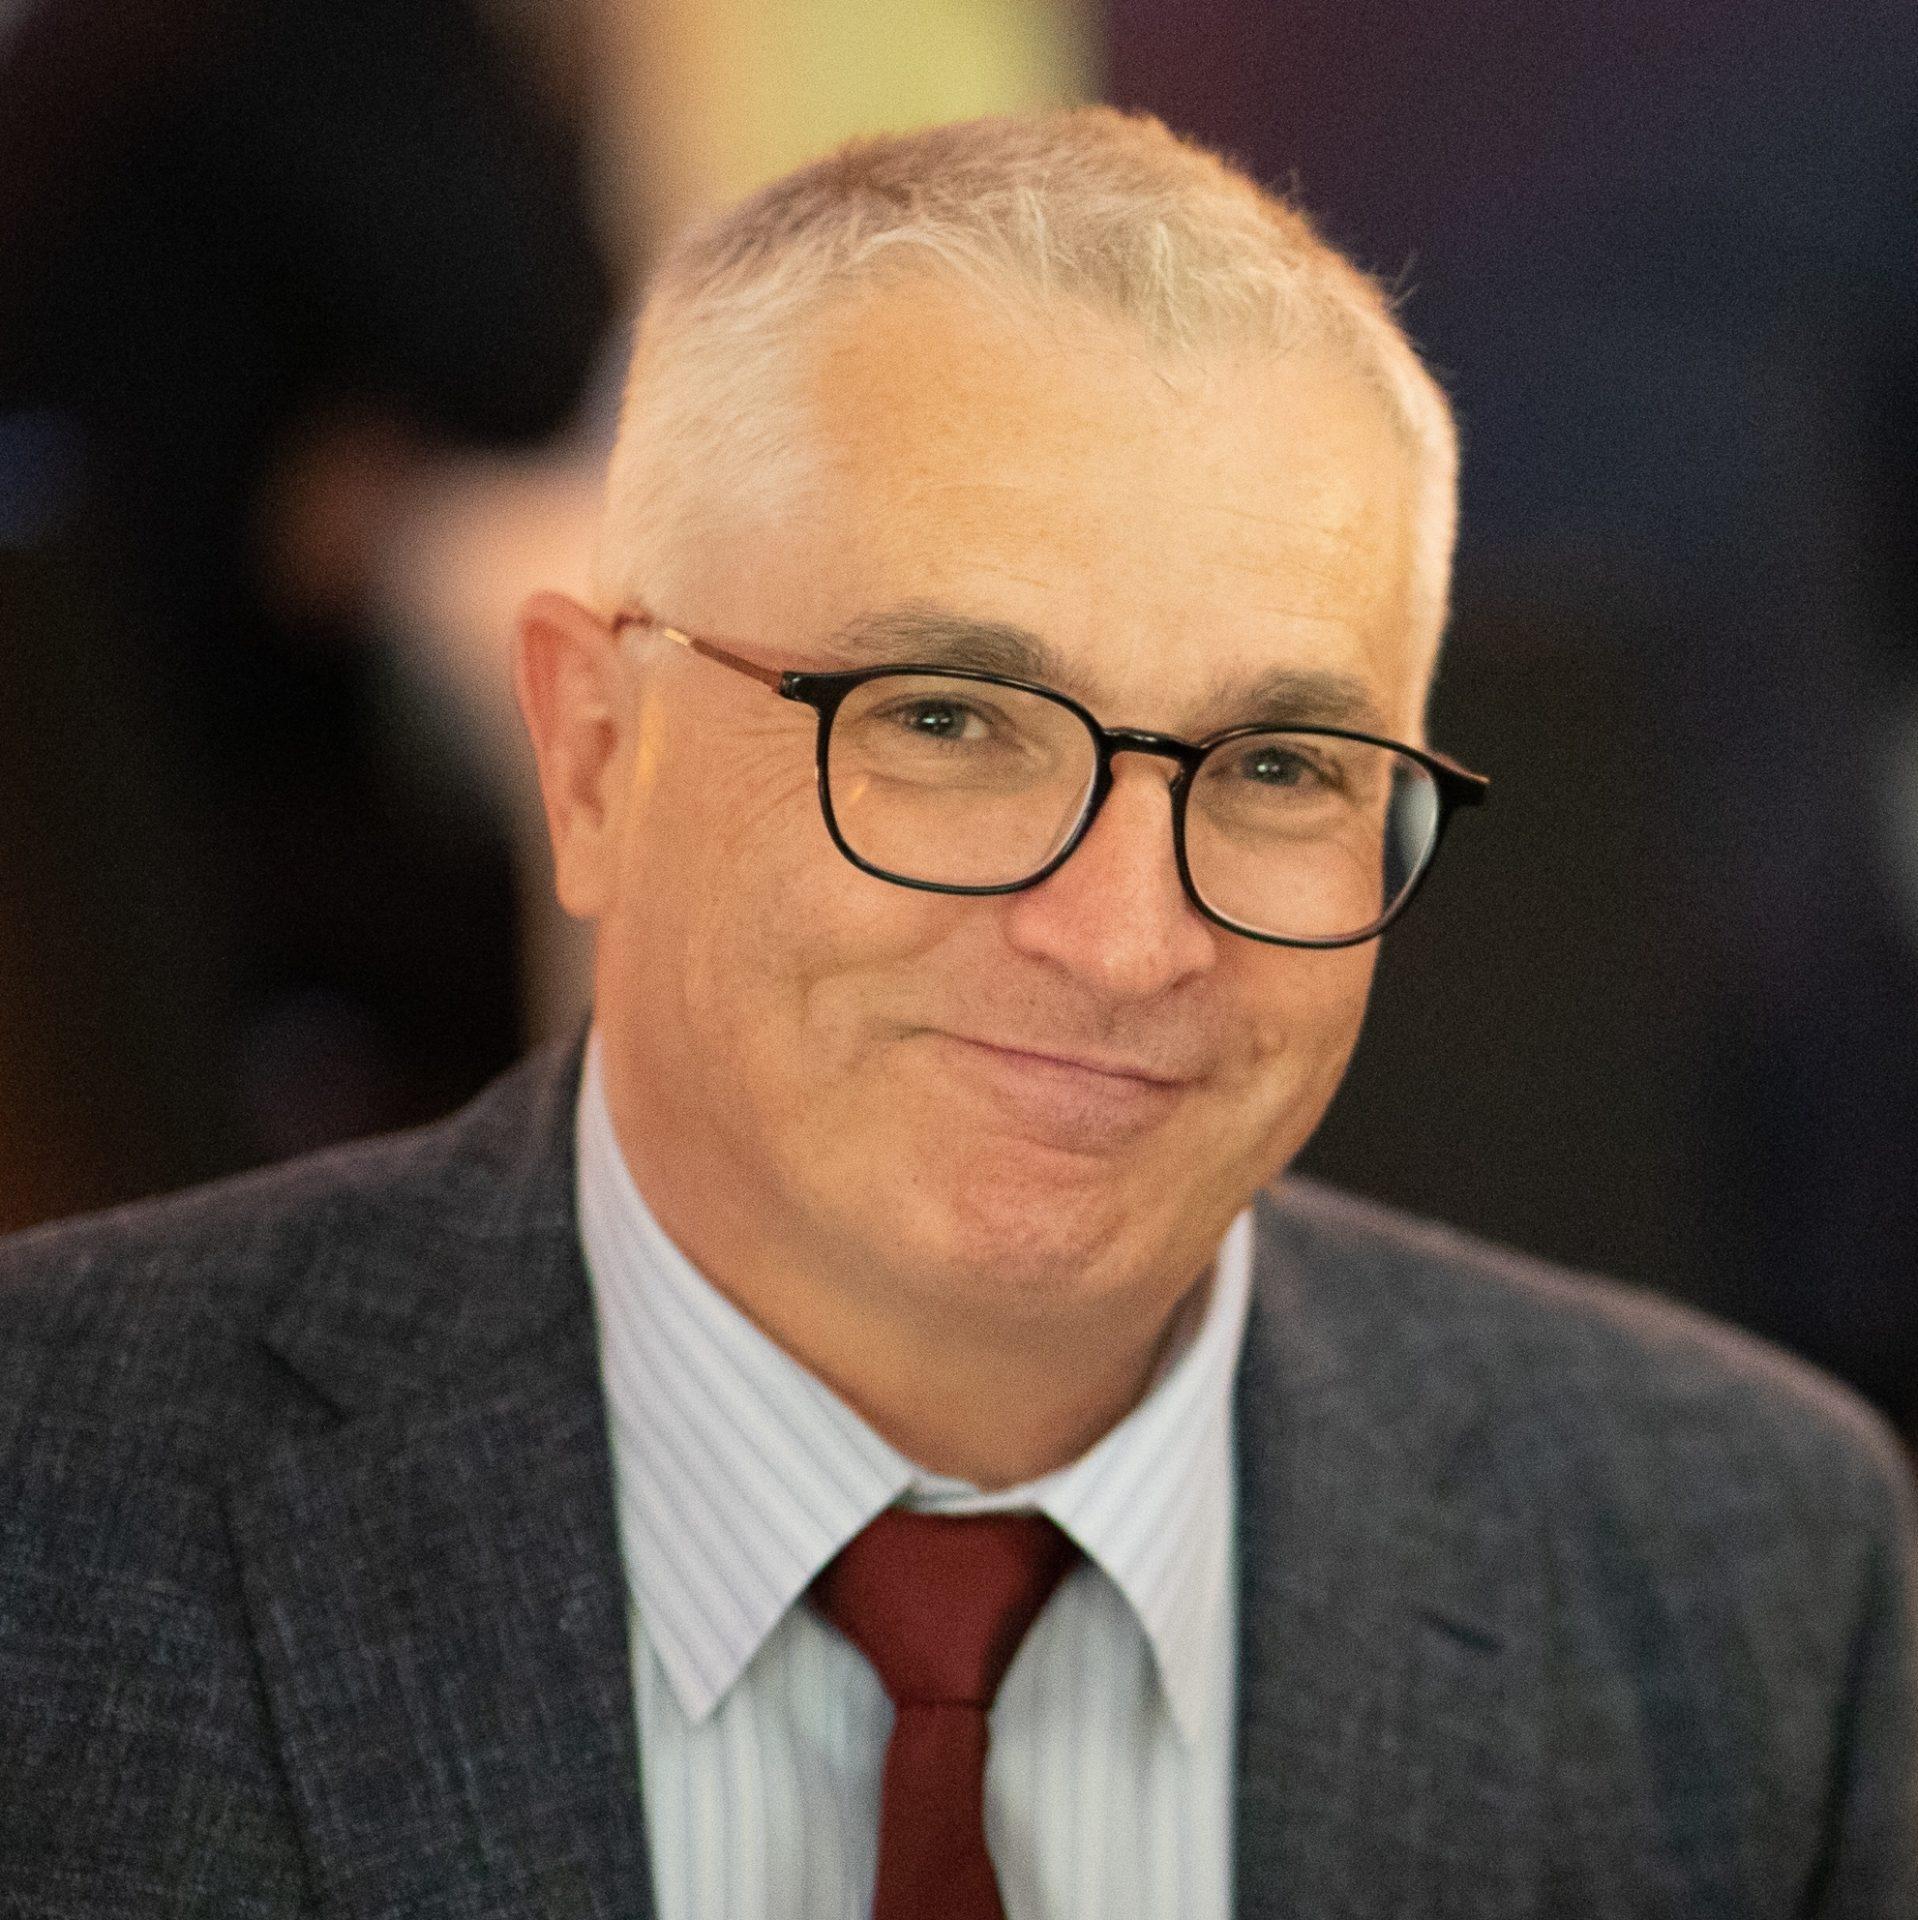 Prof. Horst Lichter